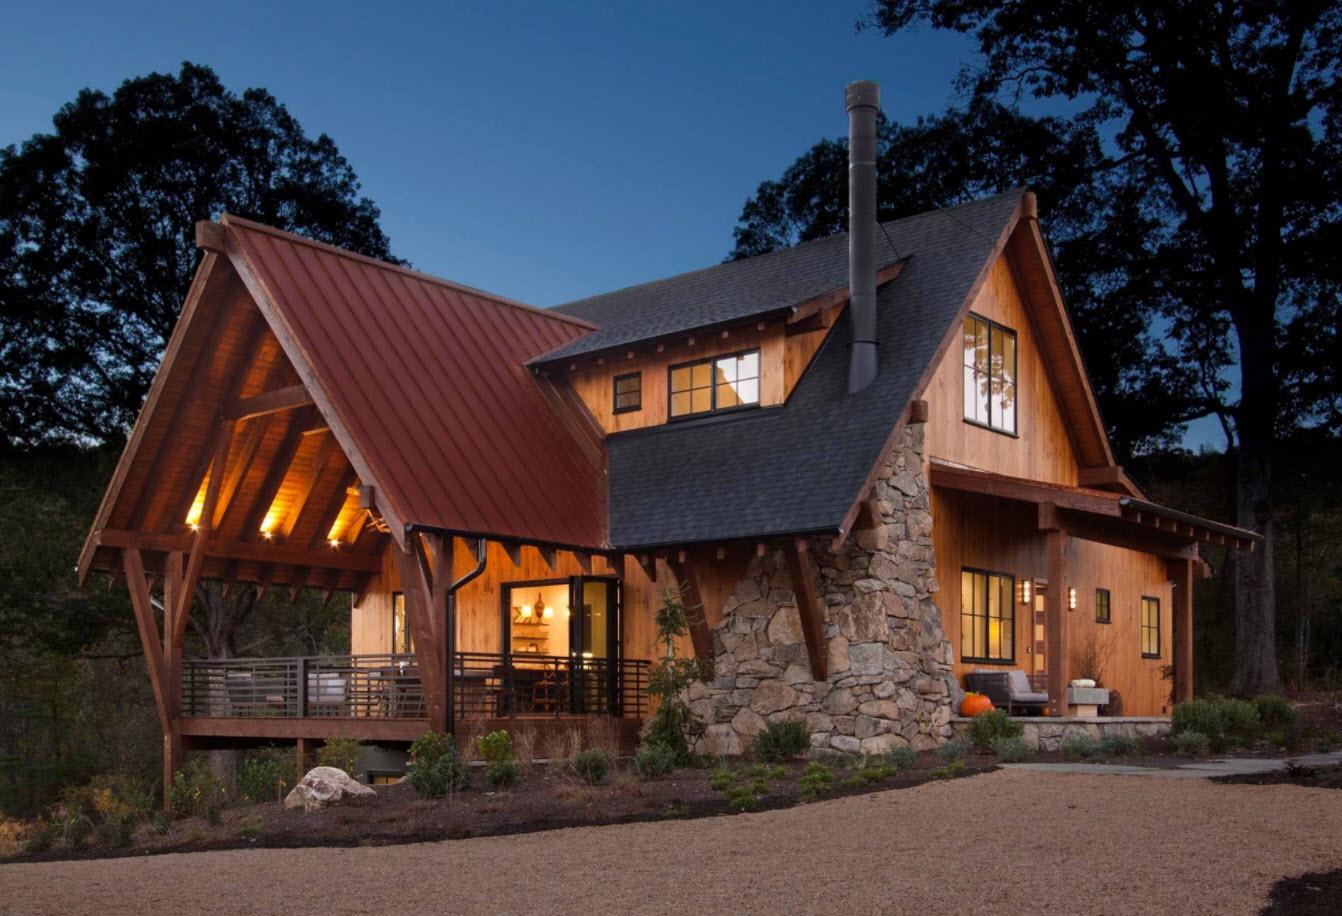 построек крыша для загородного дома в картинках предложения пожелания жалоб